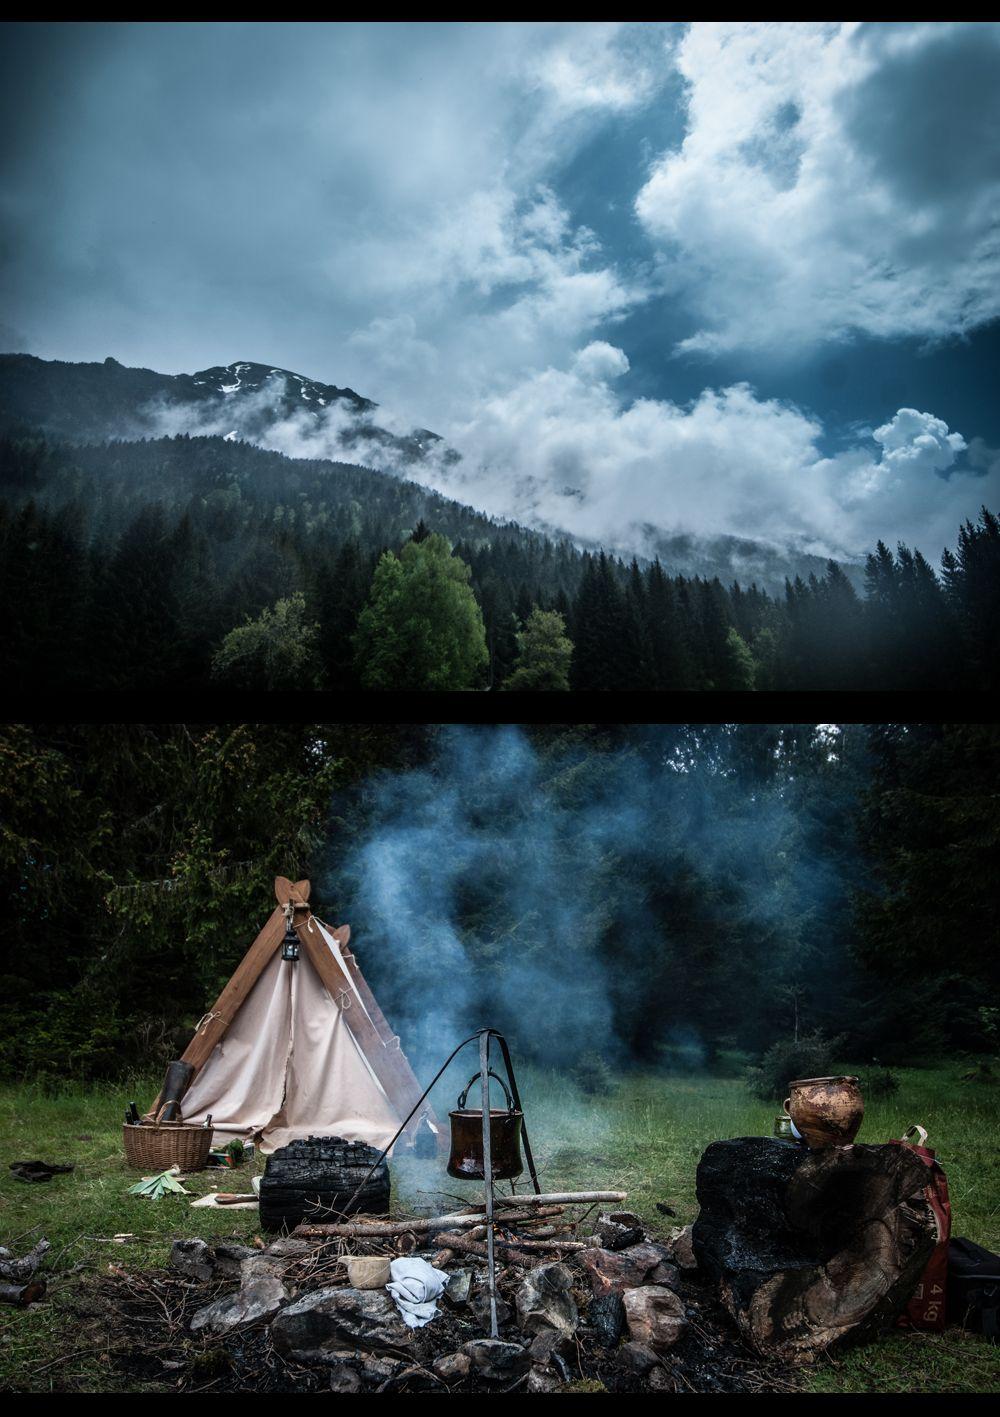 """ysambre-fauntography: """" Viking off camp :) © Ysambre fauntography 2016 """""""